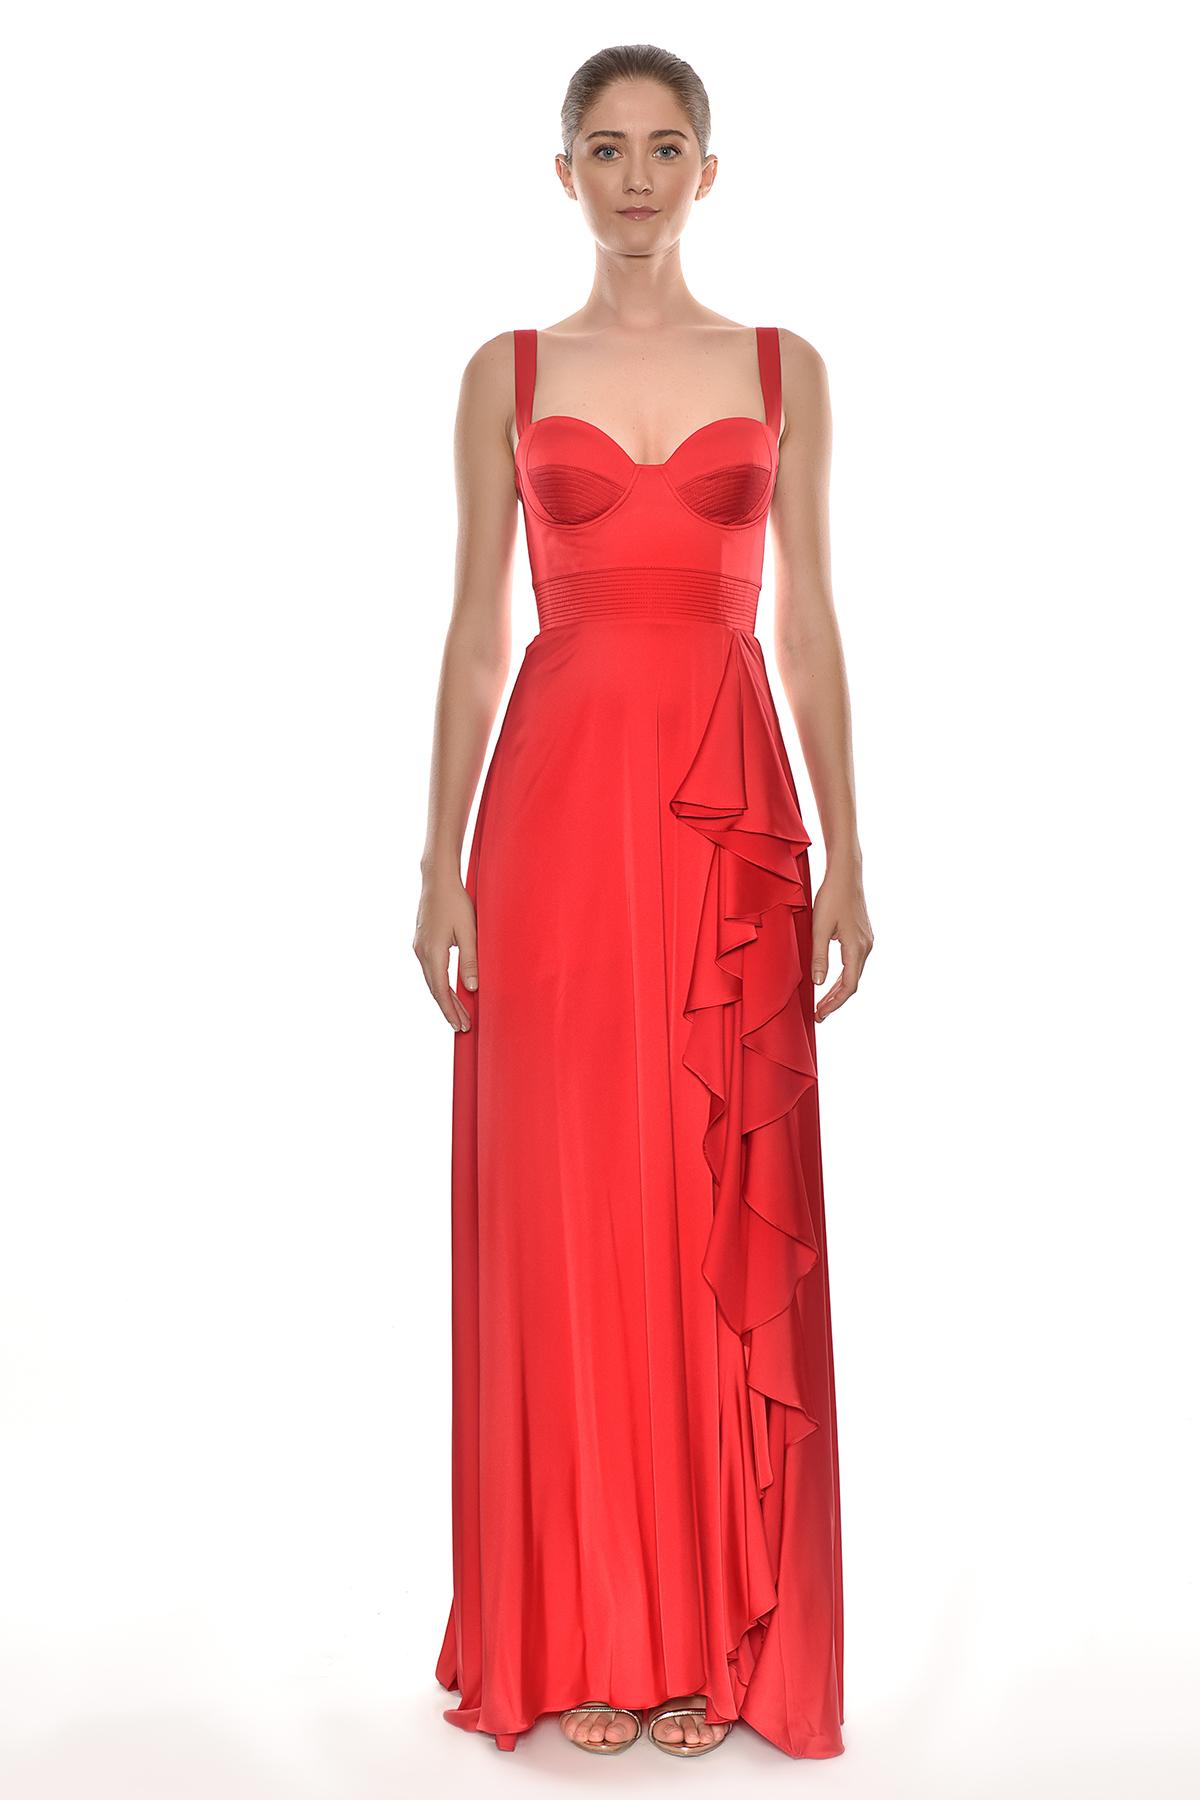 Alfa Beta - Kırmızı Kalın Askılı Yırtmaçlı Abiye Elbise (1)